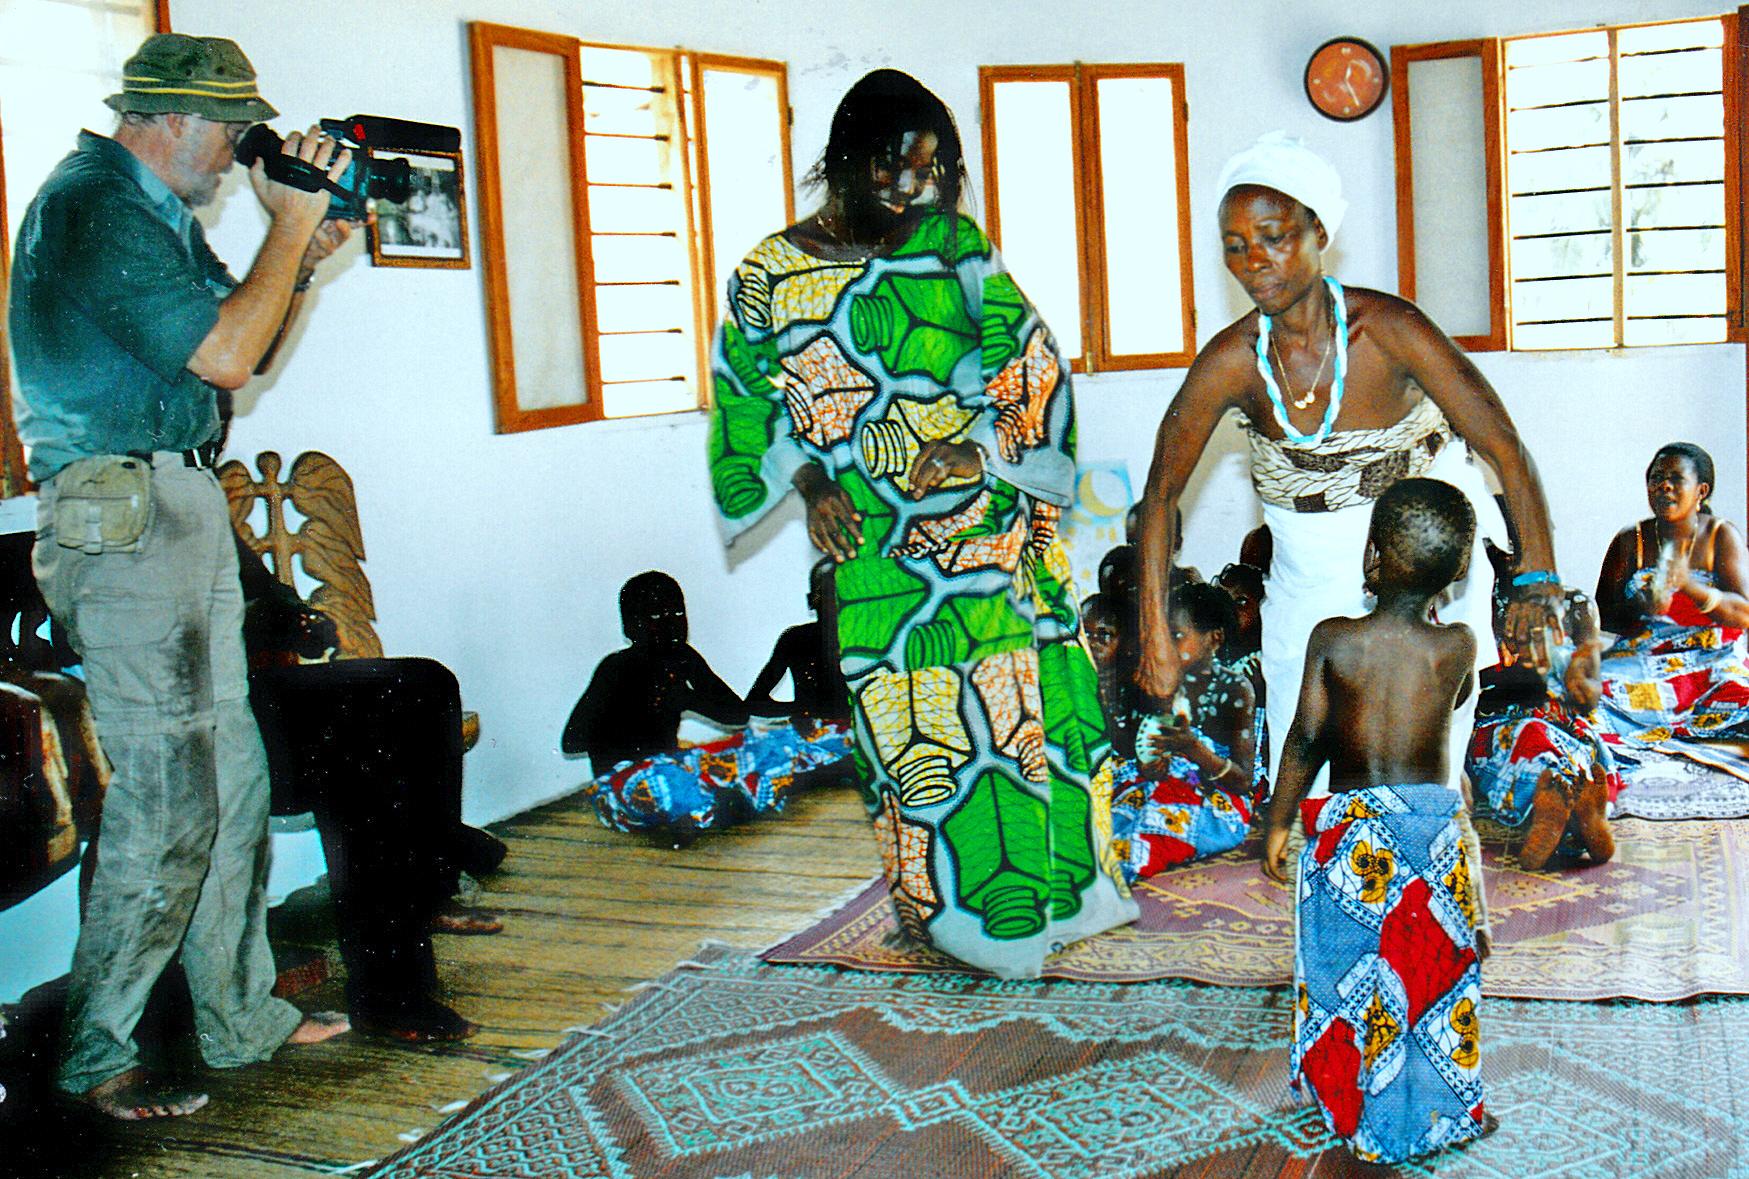 Tänze für uns, die Besucher. Benin